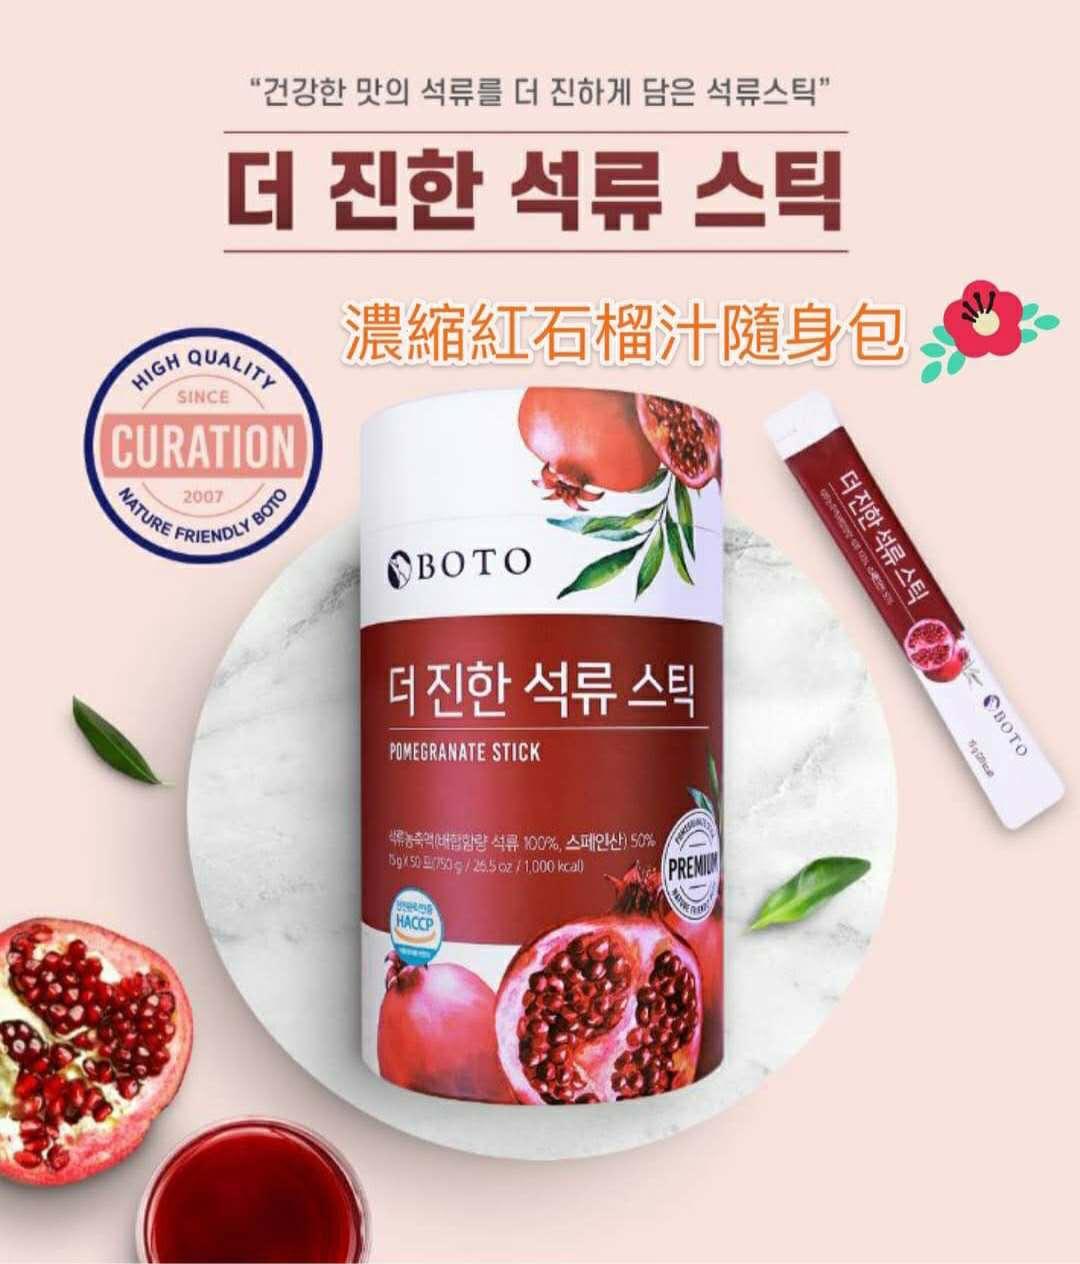 BOTO 紅石榴汁 15g X 50包